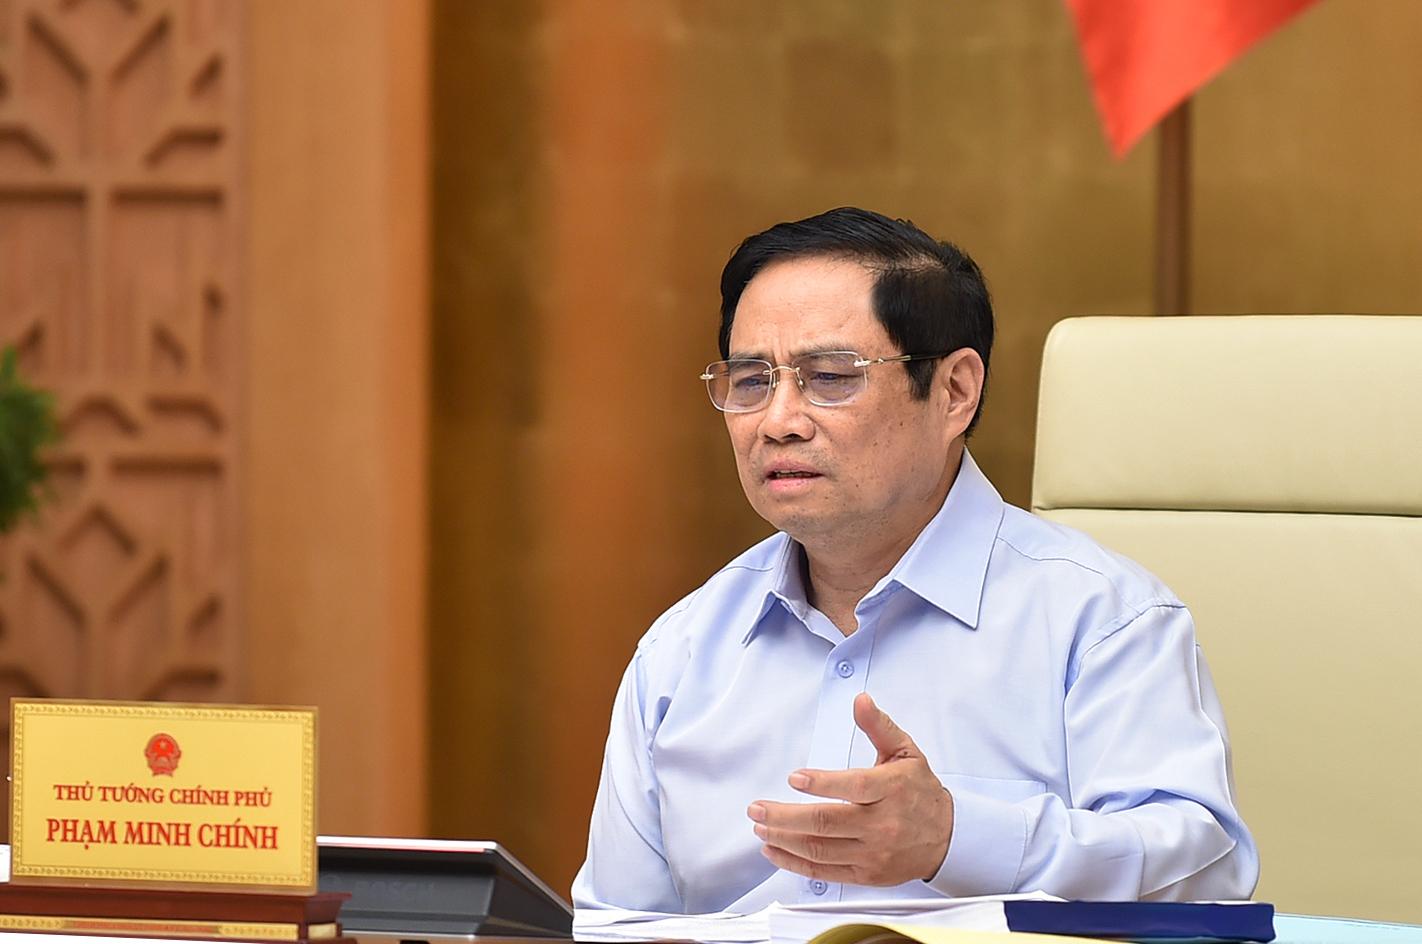 Thủ tướng yêu cầu ưu tiên bố trí kinh phí thực hiện chống khai thác IUU - Ảnh 1.